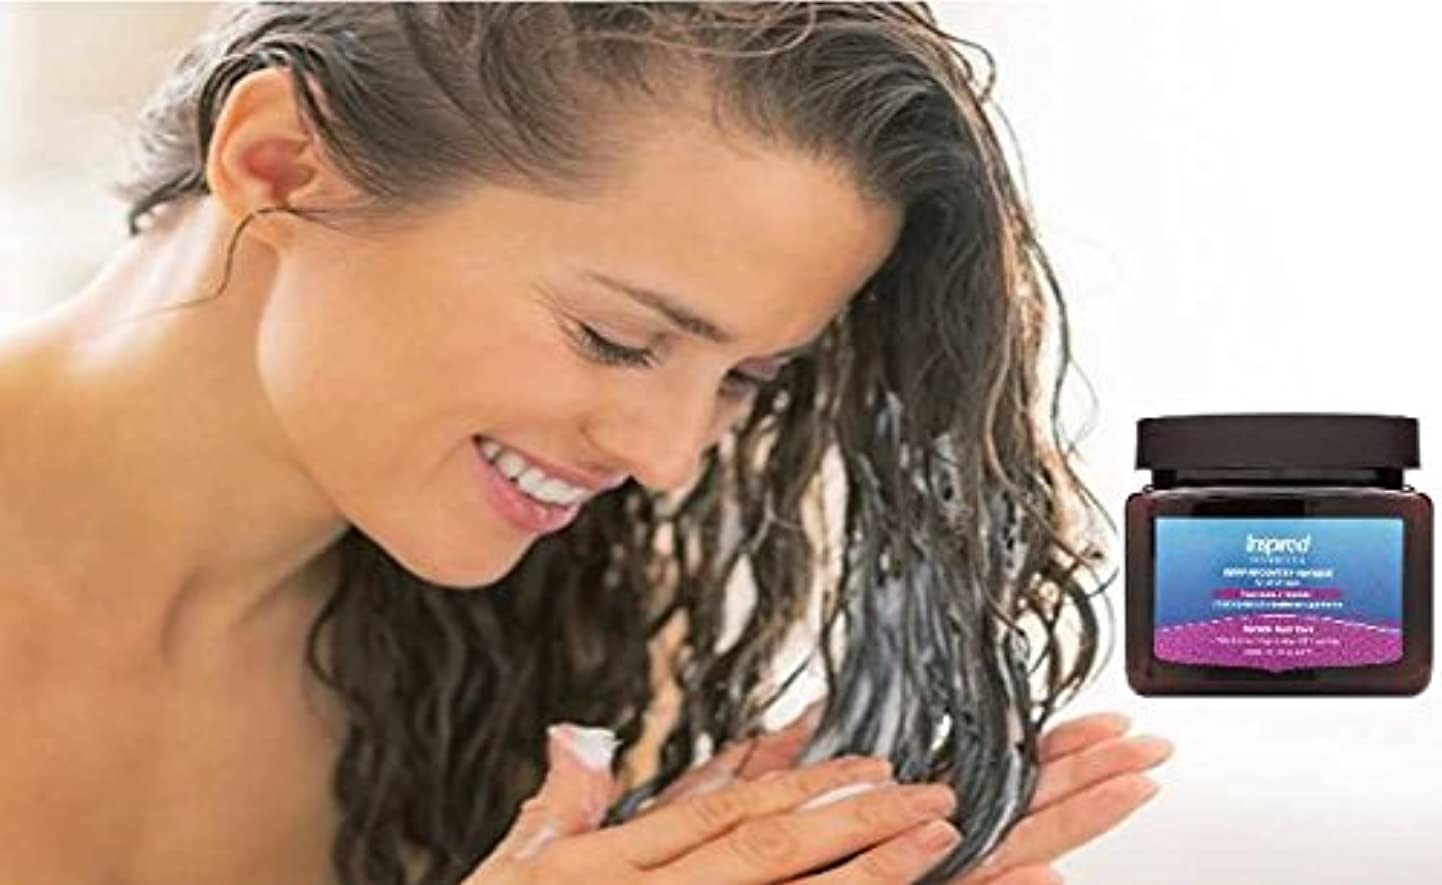 環境ハンカチ円周Inspired by Dead Sea Professional Keratin Deep Recovery Mask Argan Oil All Hair Types 死んだ海にインスパイアされたプロフェッショナルケラチンディープリカバリーマスク...